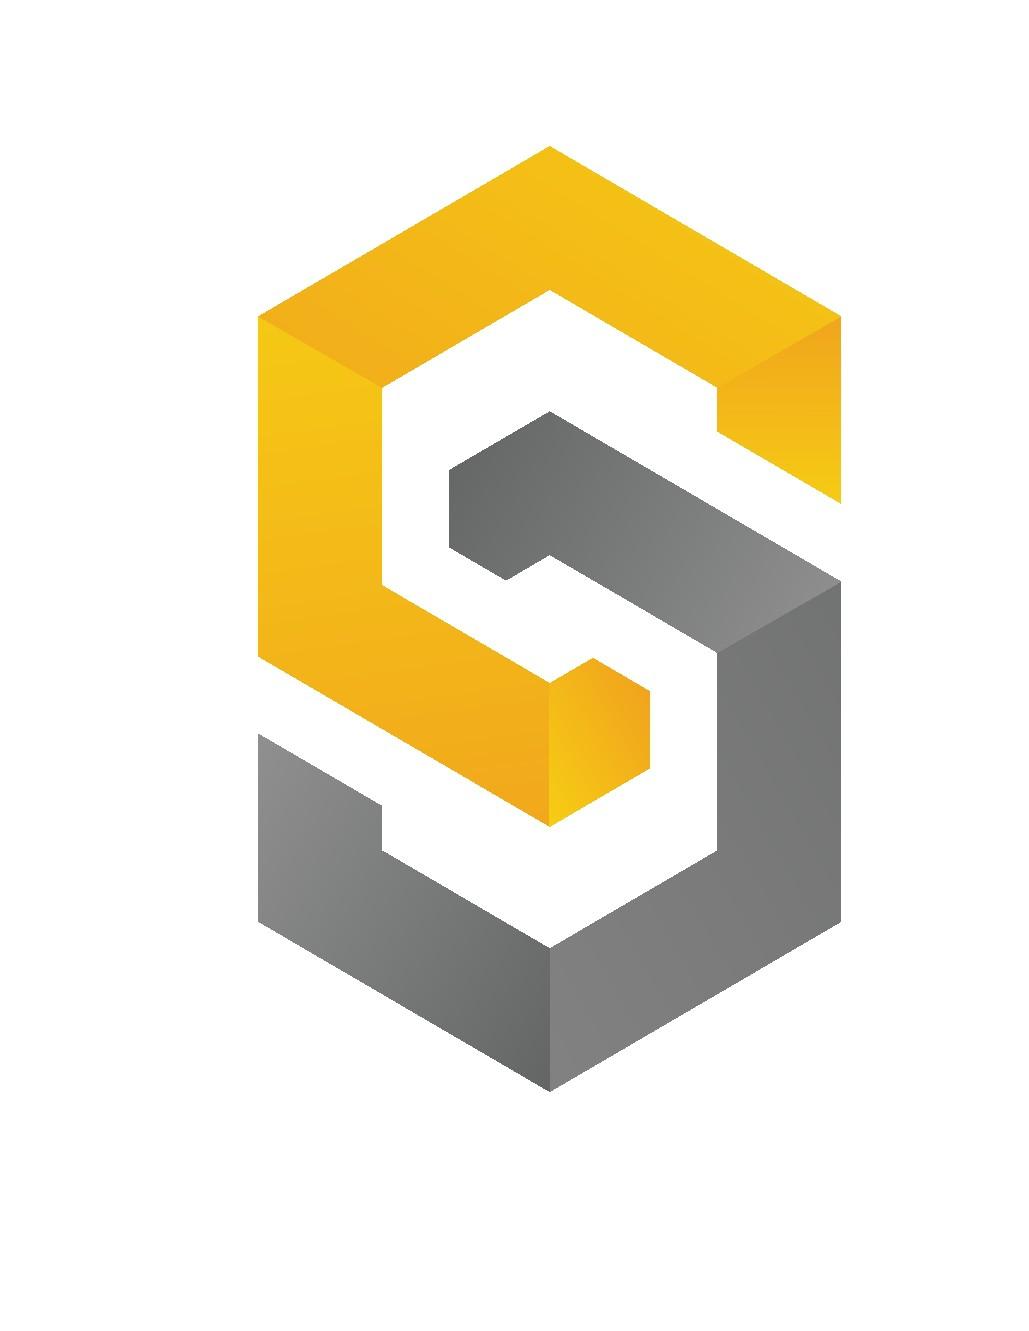 Create a clean, modern transformational logo